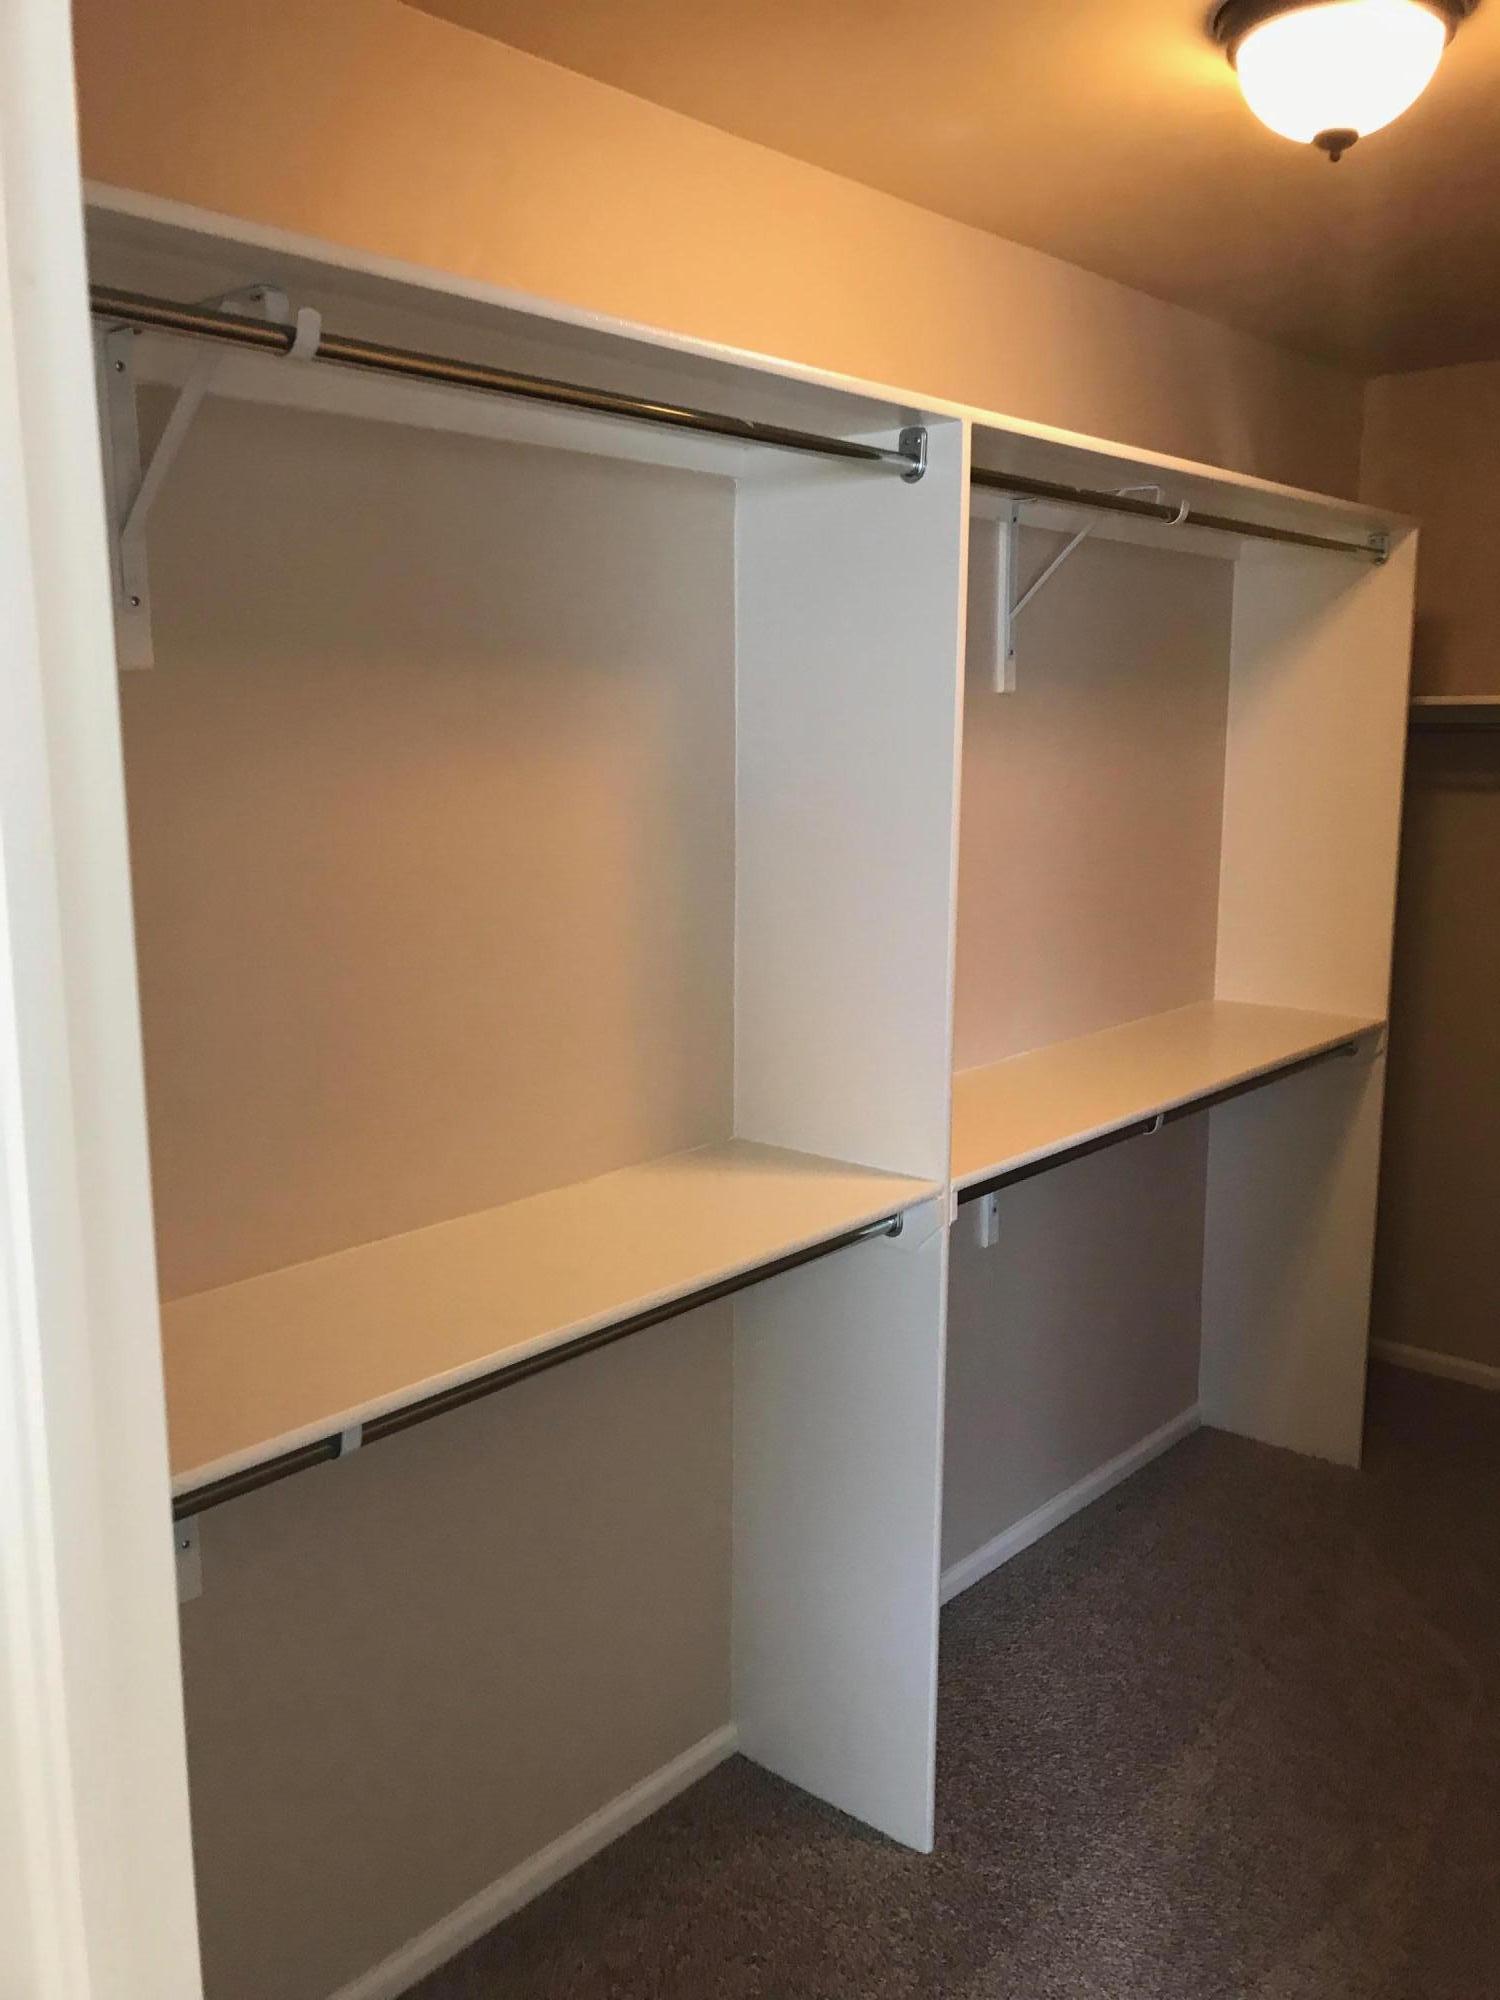 5213 La Entrada, Sunland Park, New Mexico 88063, 5 Bedrooms Bedrooms, ,4 BathroomsBathrooms,Residential,For sale,La Entrada,837644